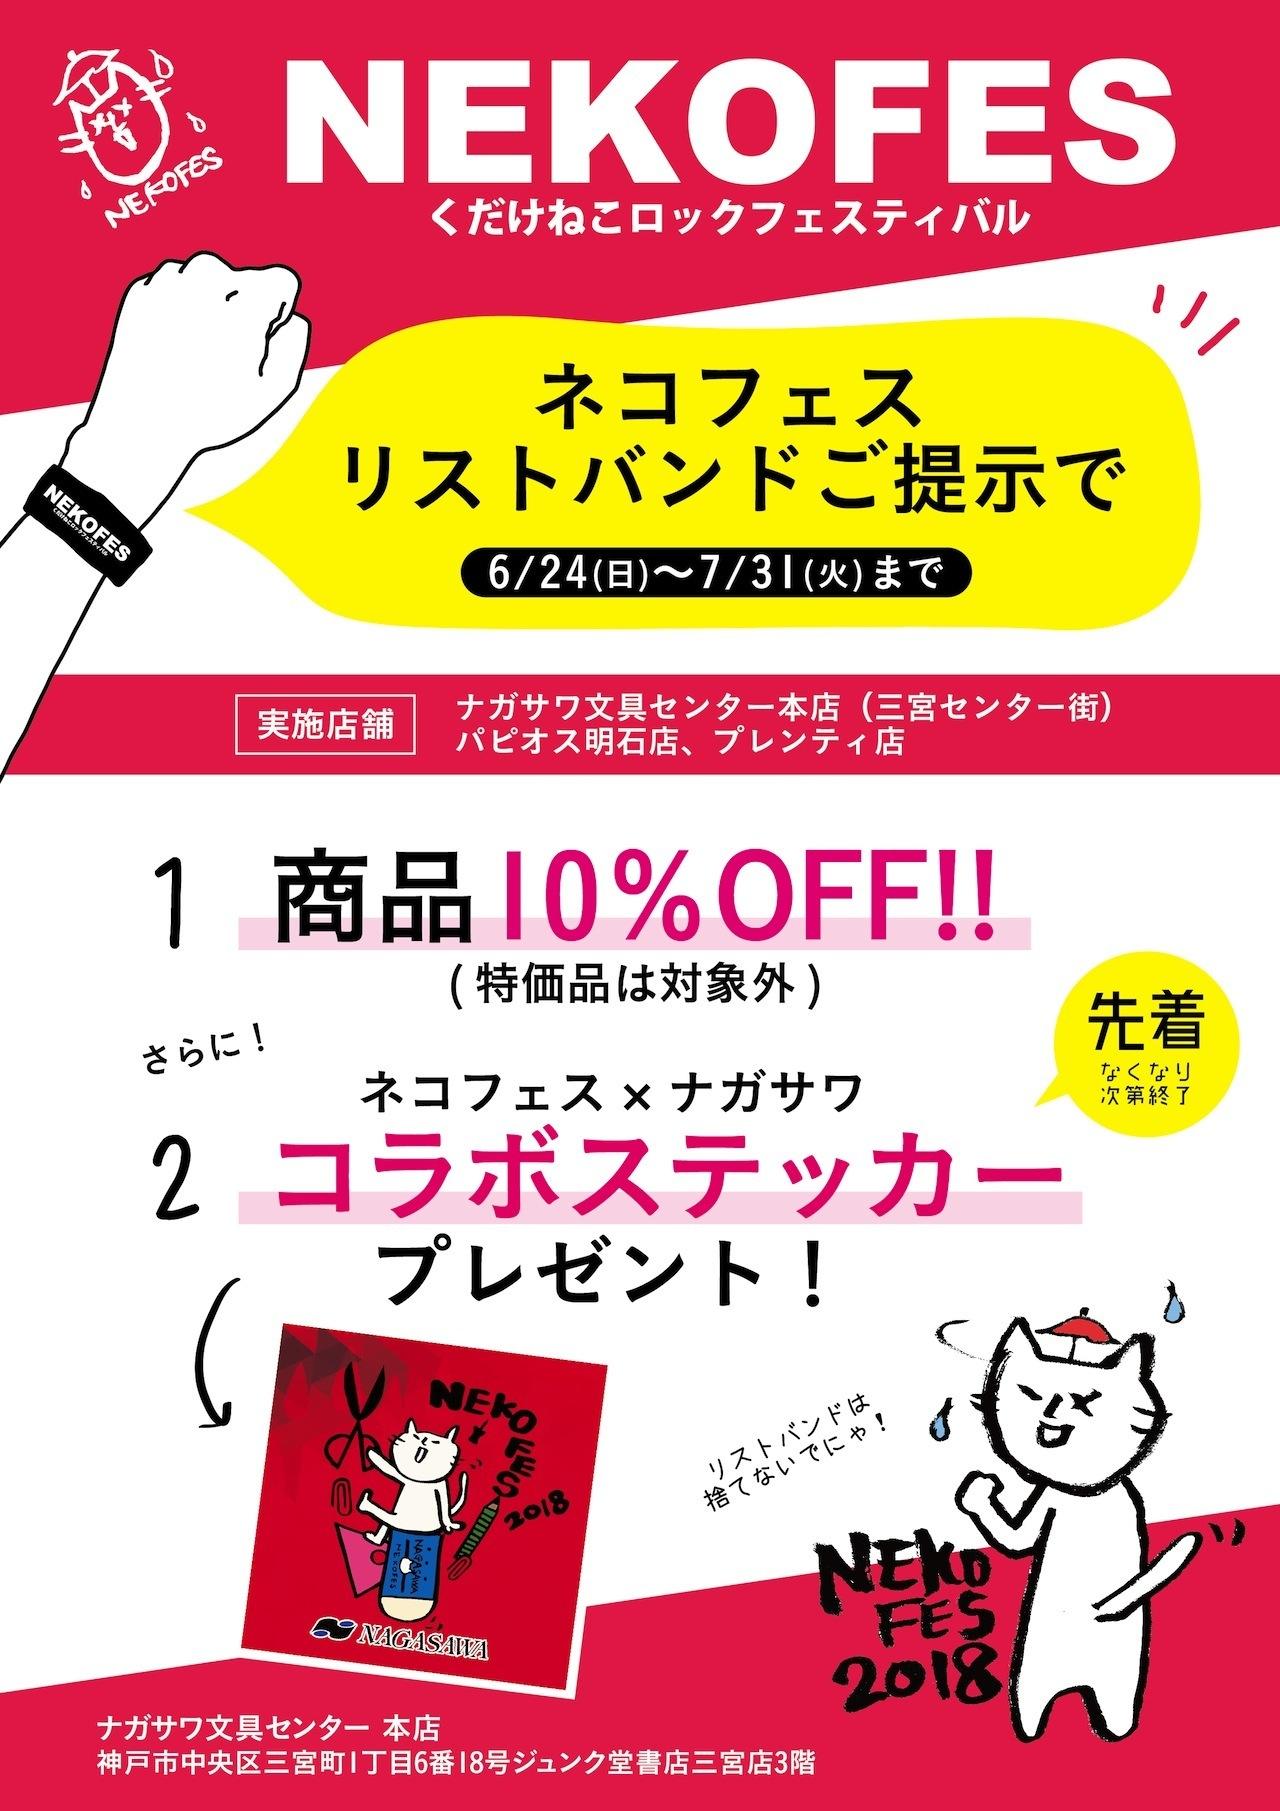 NEKOFES2018 くだけねこロックフェスティバル コラボ企画!